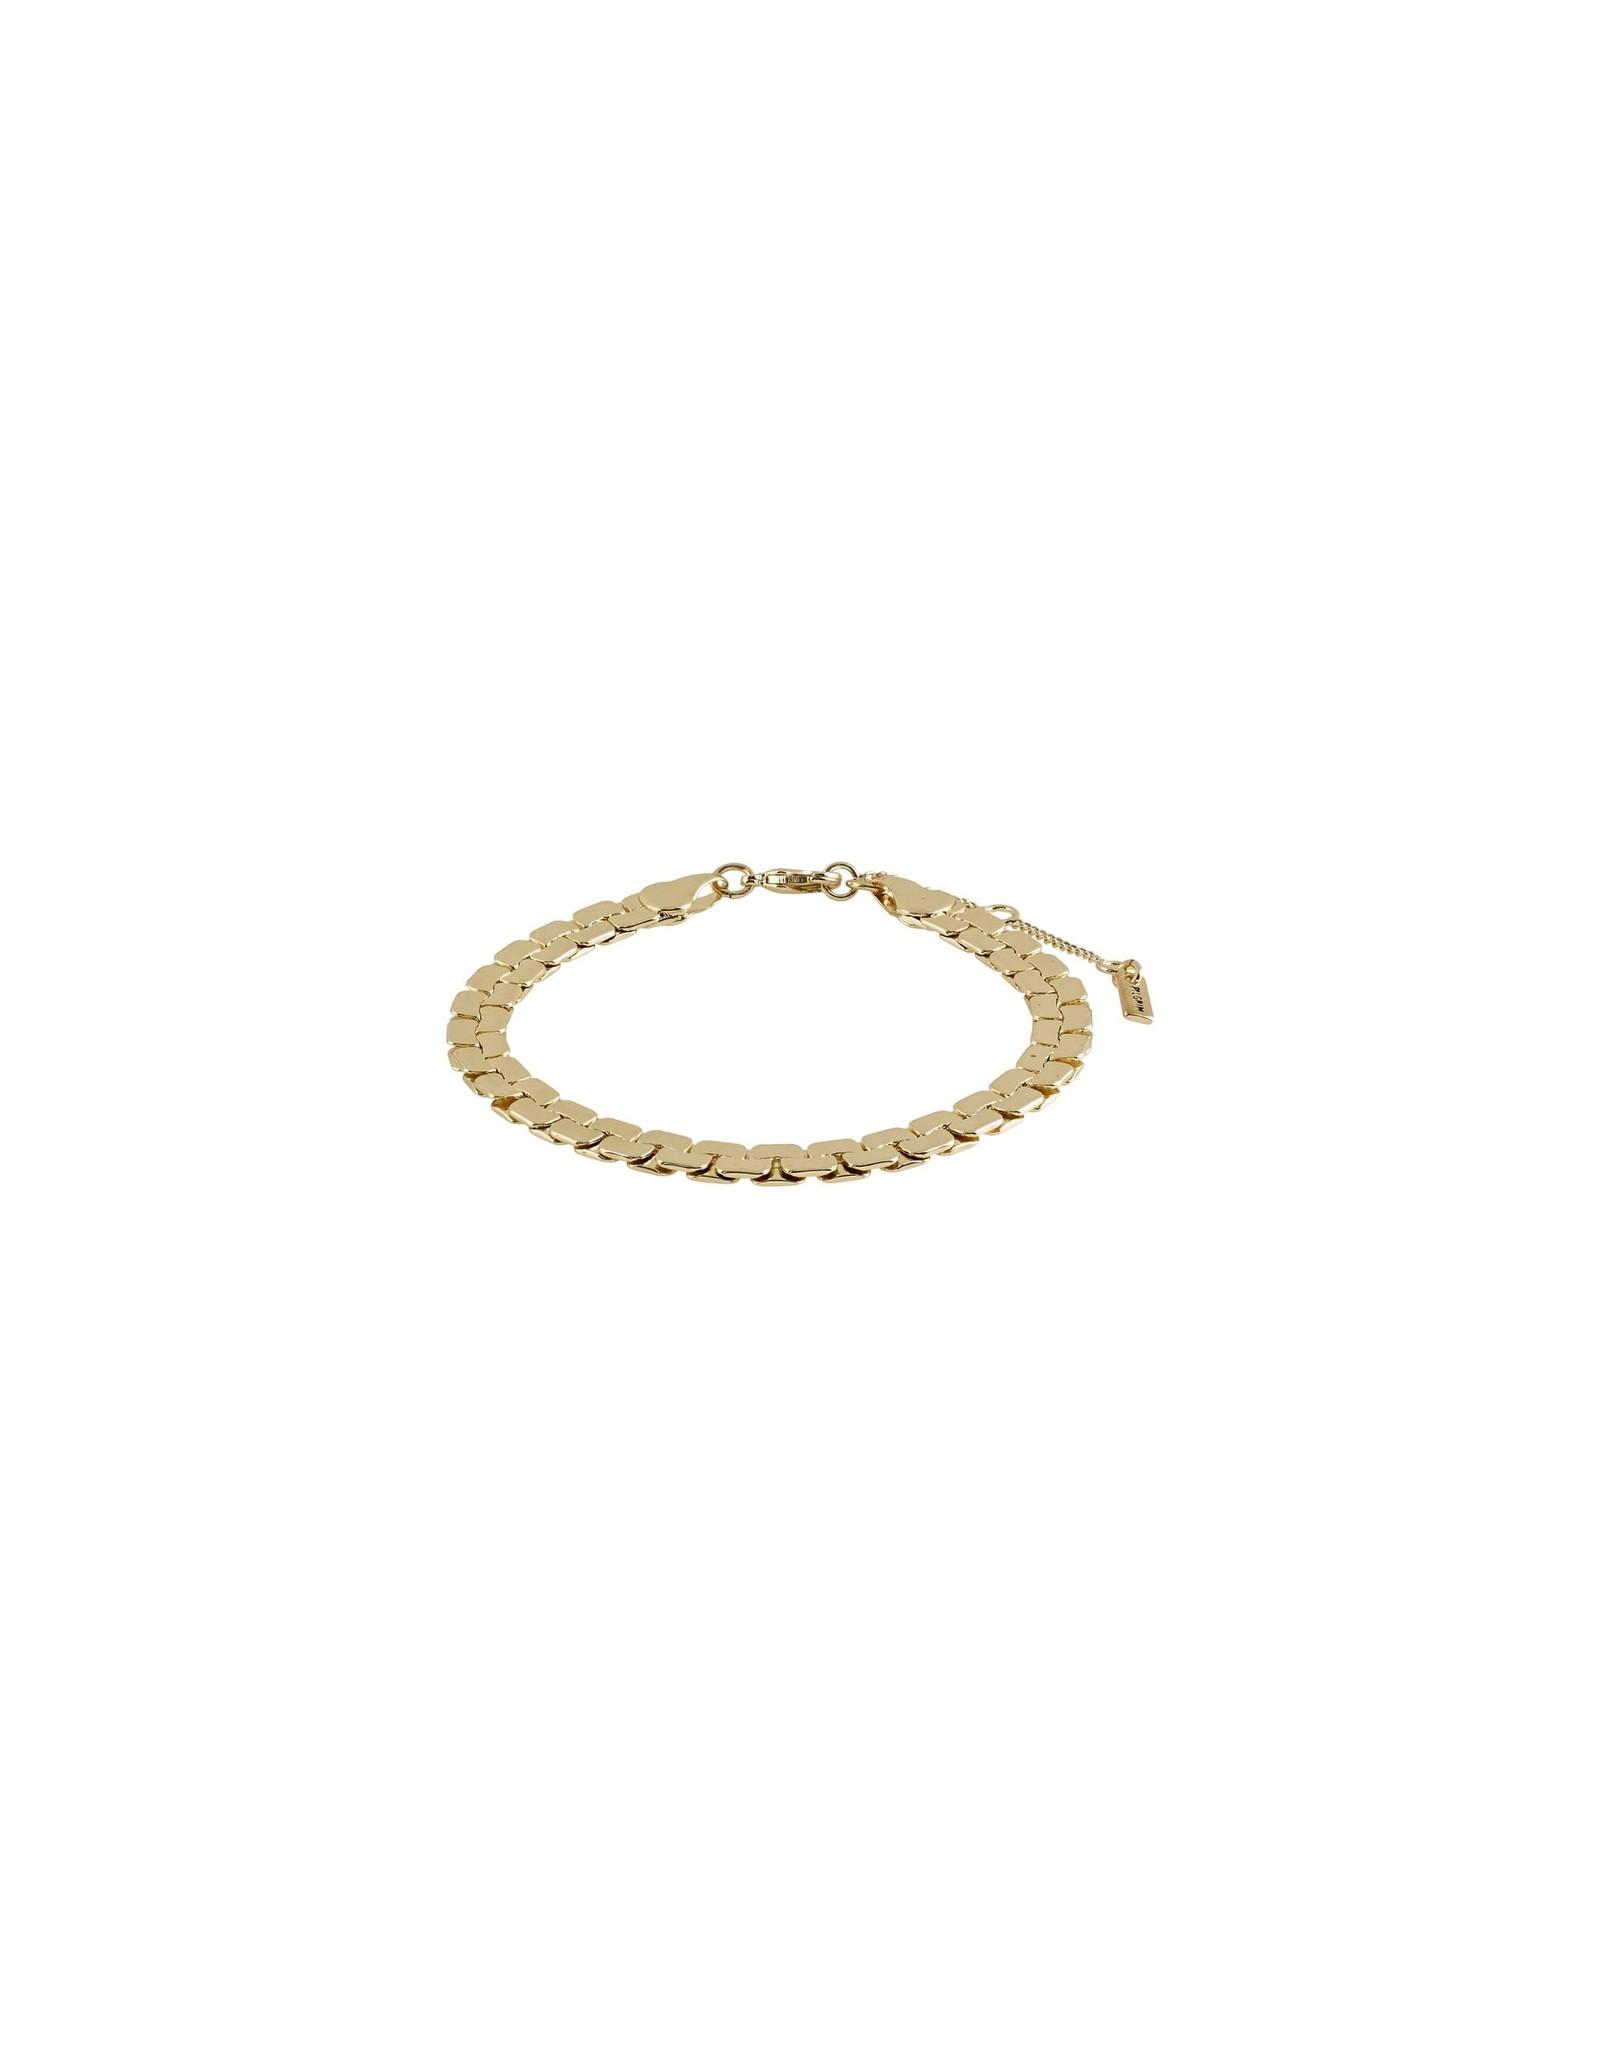 Pilgrim Pilgrim Beauty Bracelet Gold Plated